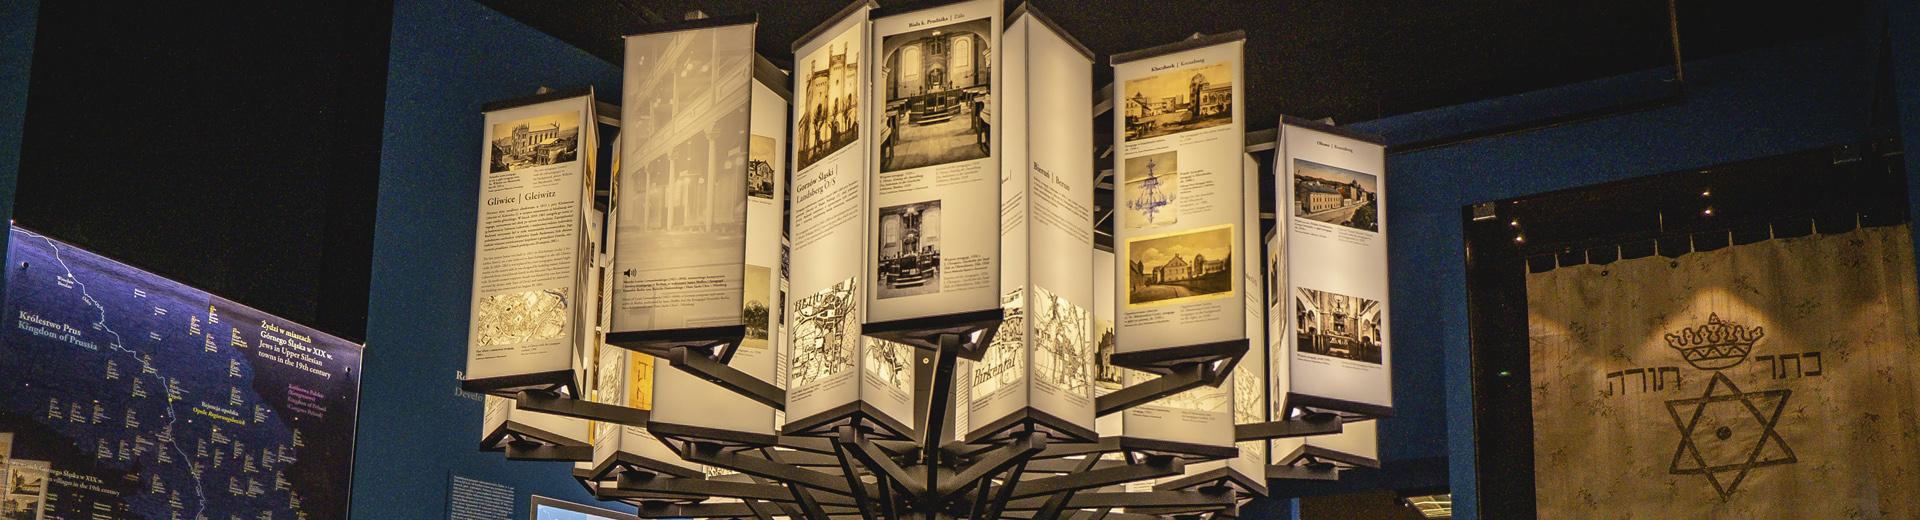 wystawa w Domu Pamięci Żydów Górnośląskich